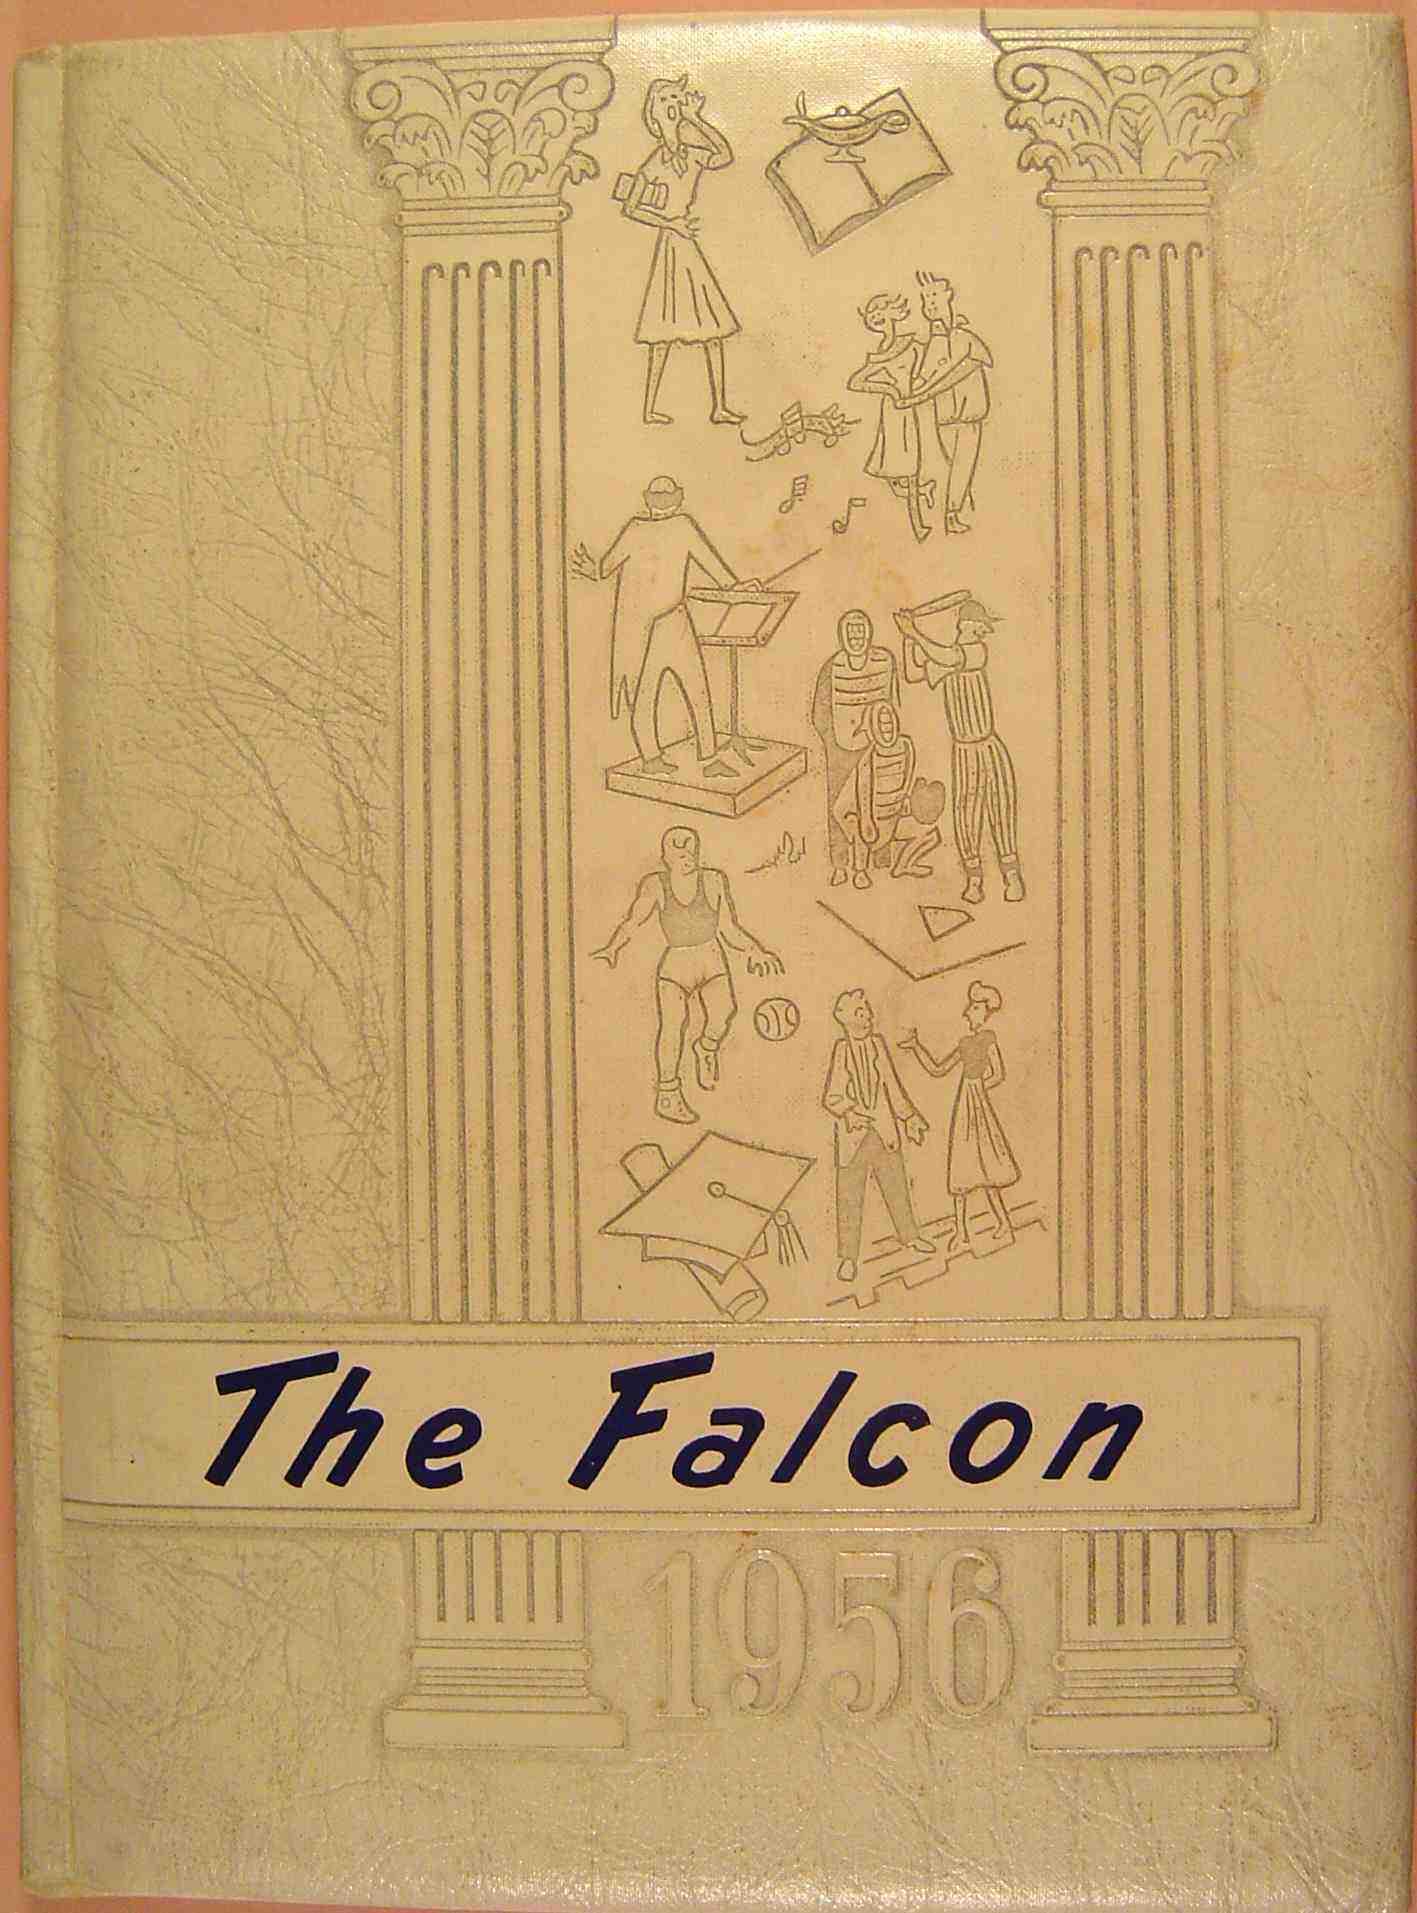 1956 Falcon